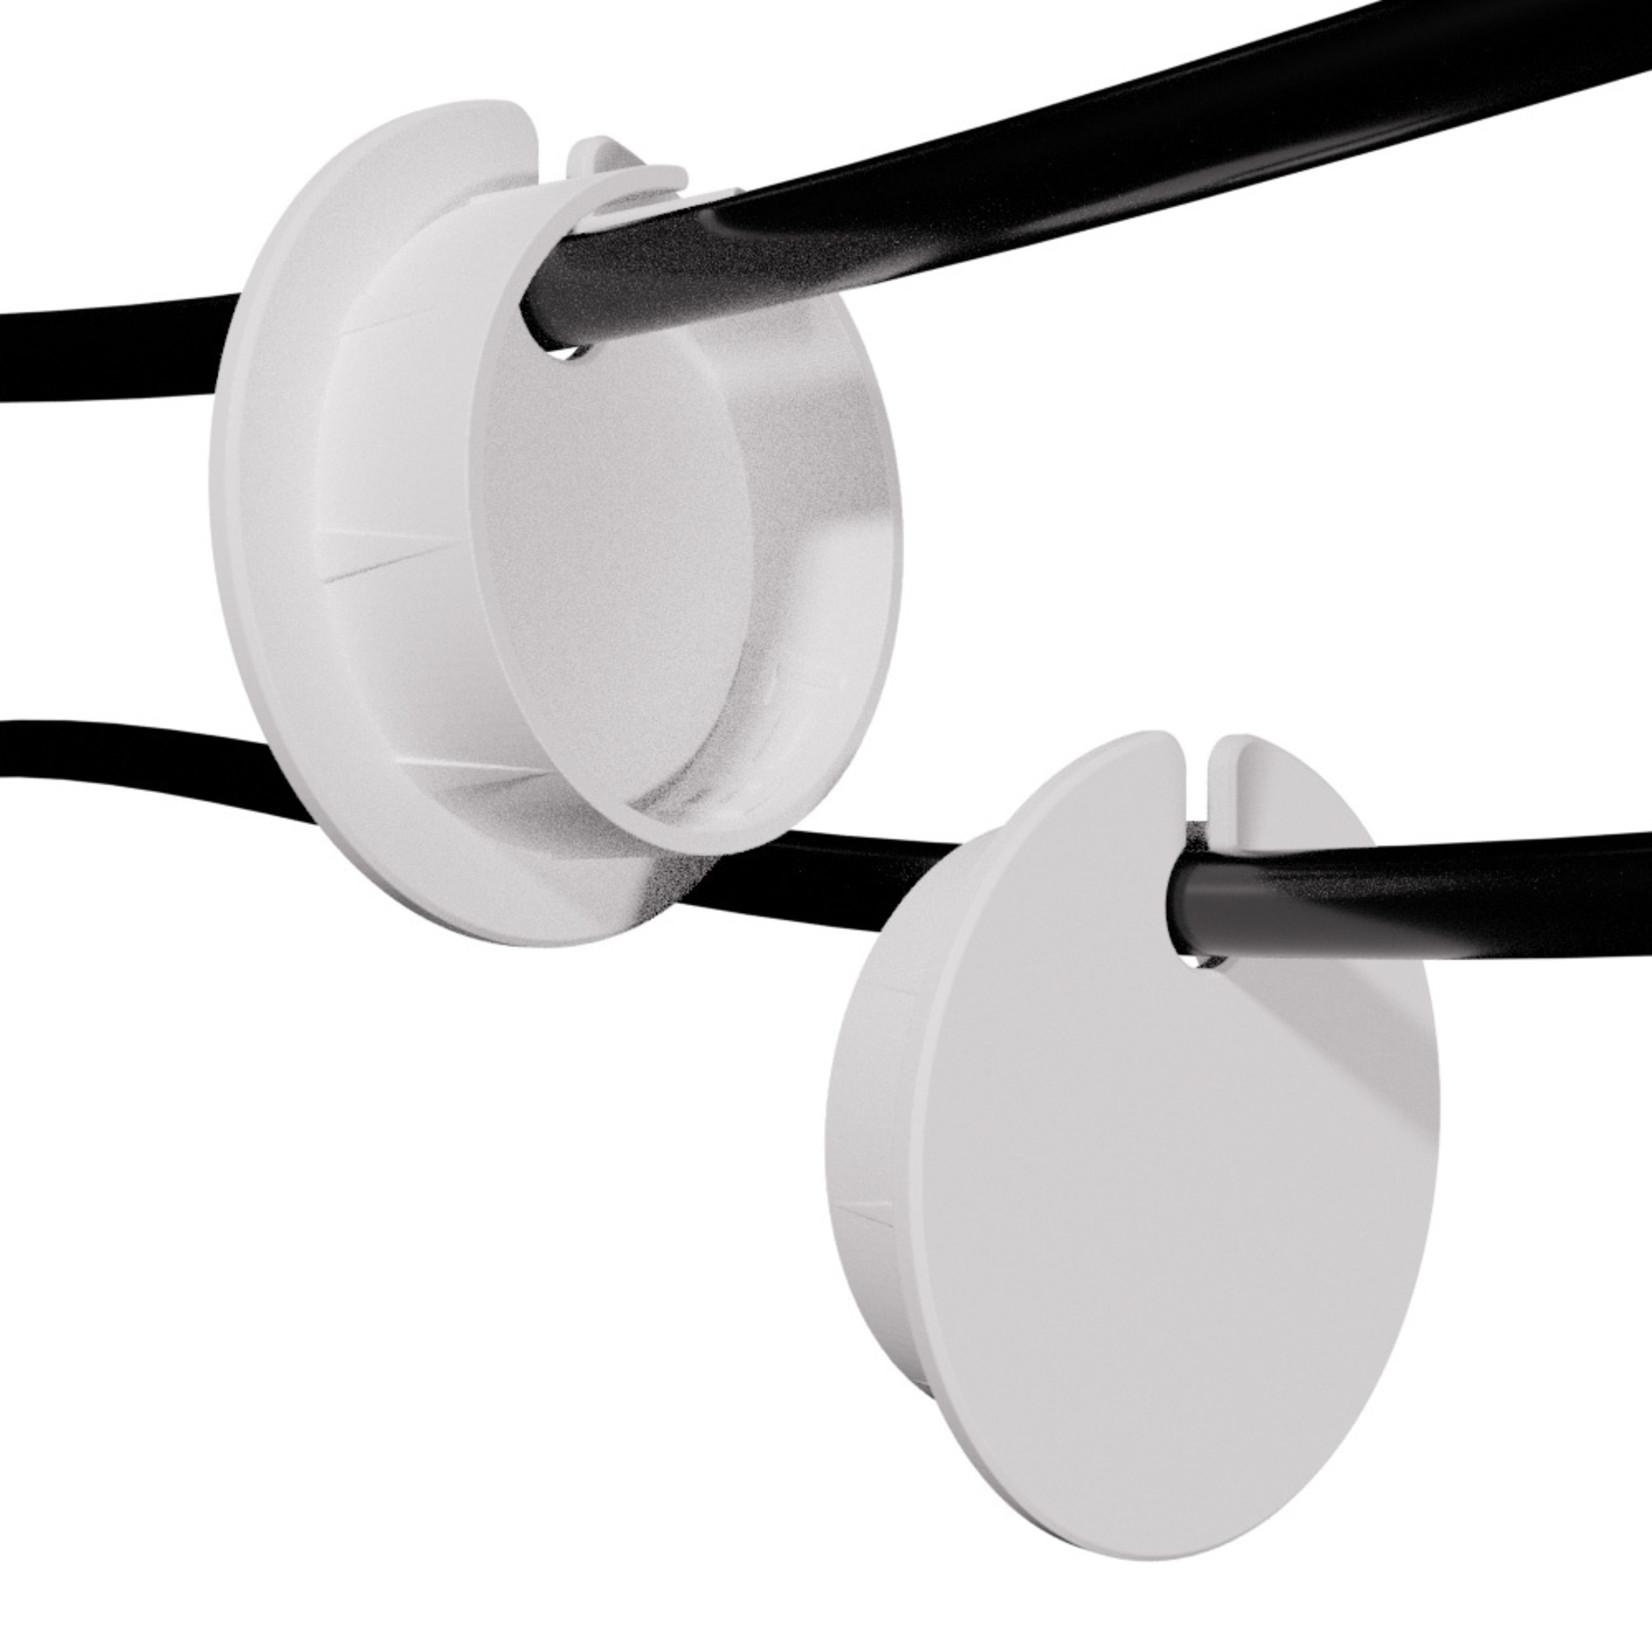 Umake Zijkant kabeldoorvoer Ø 35-60mm | Afmetingen en kleur volledig aanpasbaar